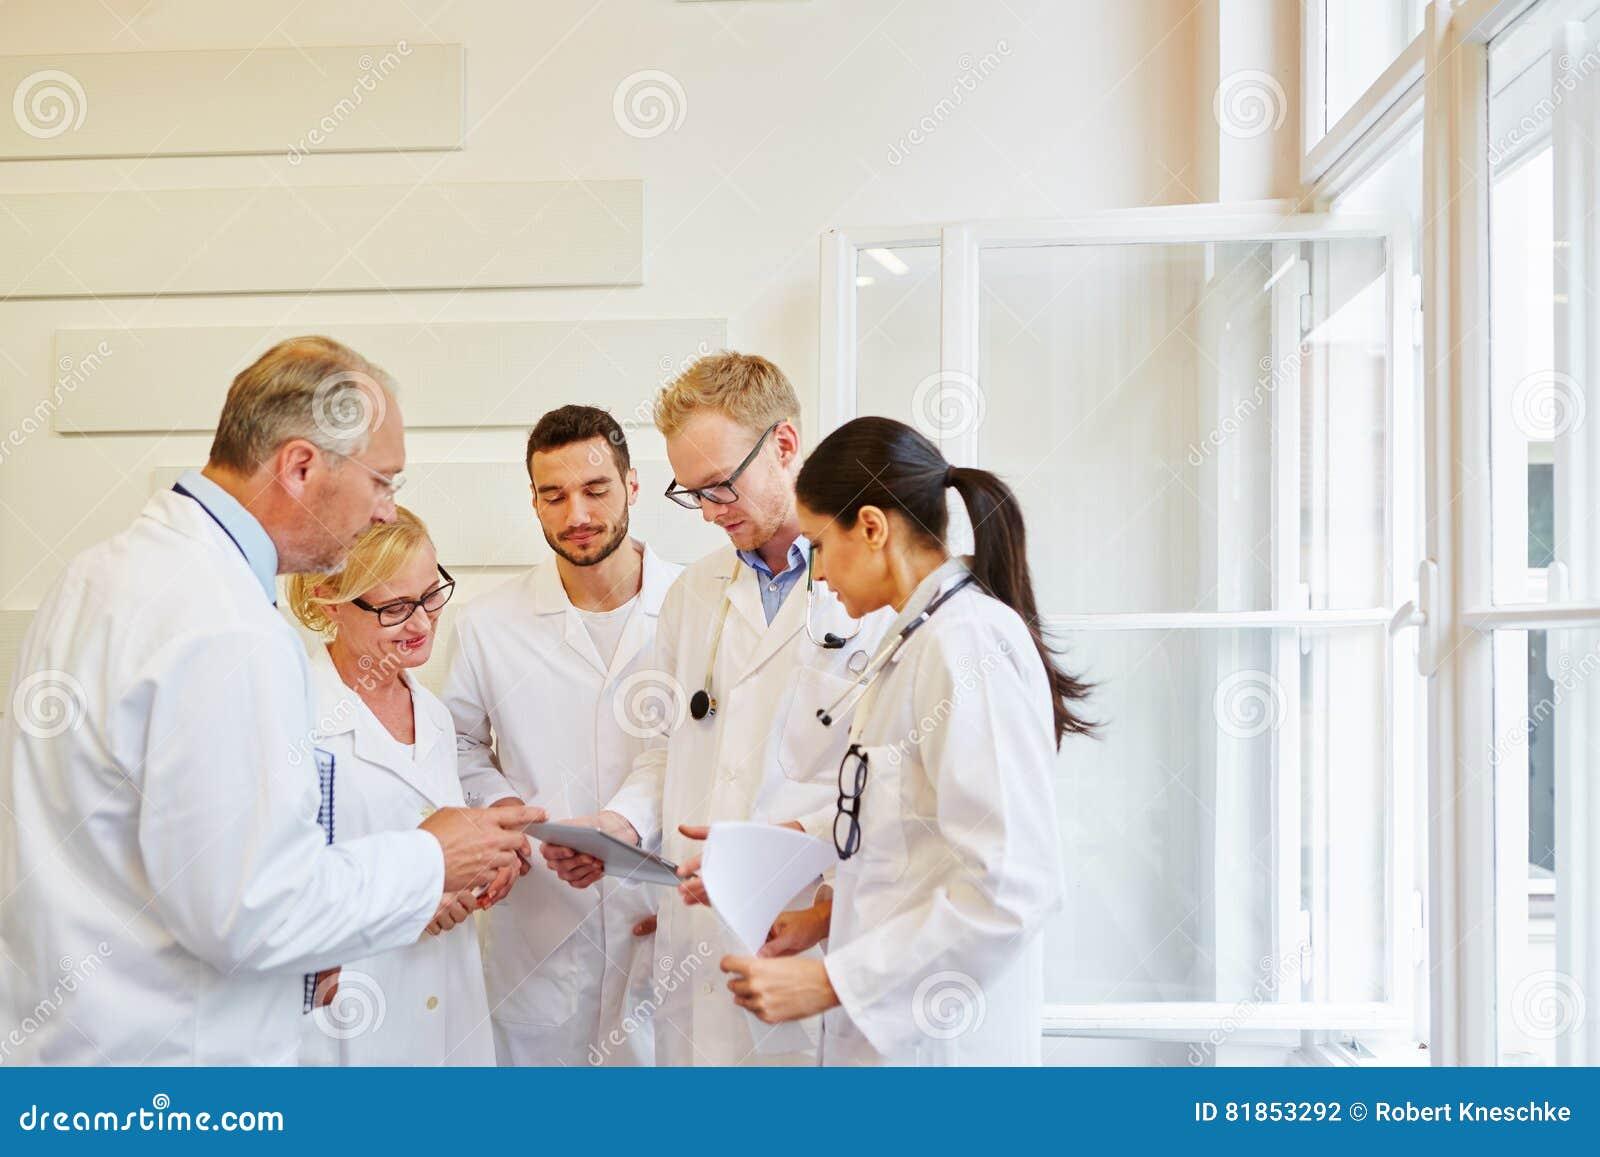 Team of doctos in meeting